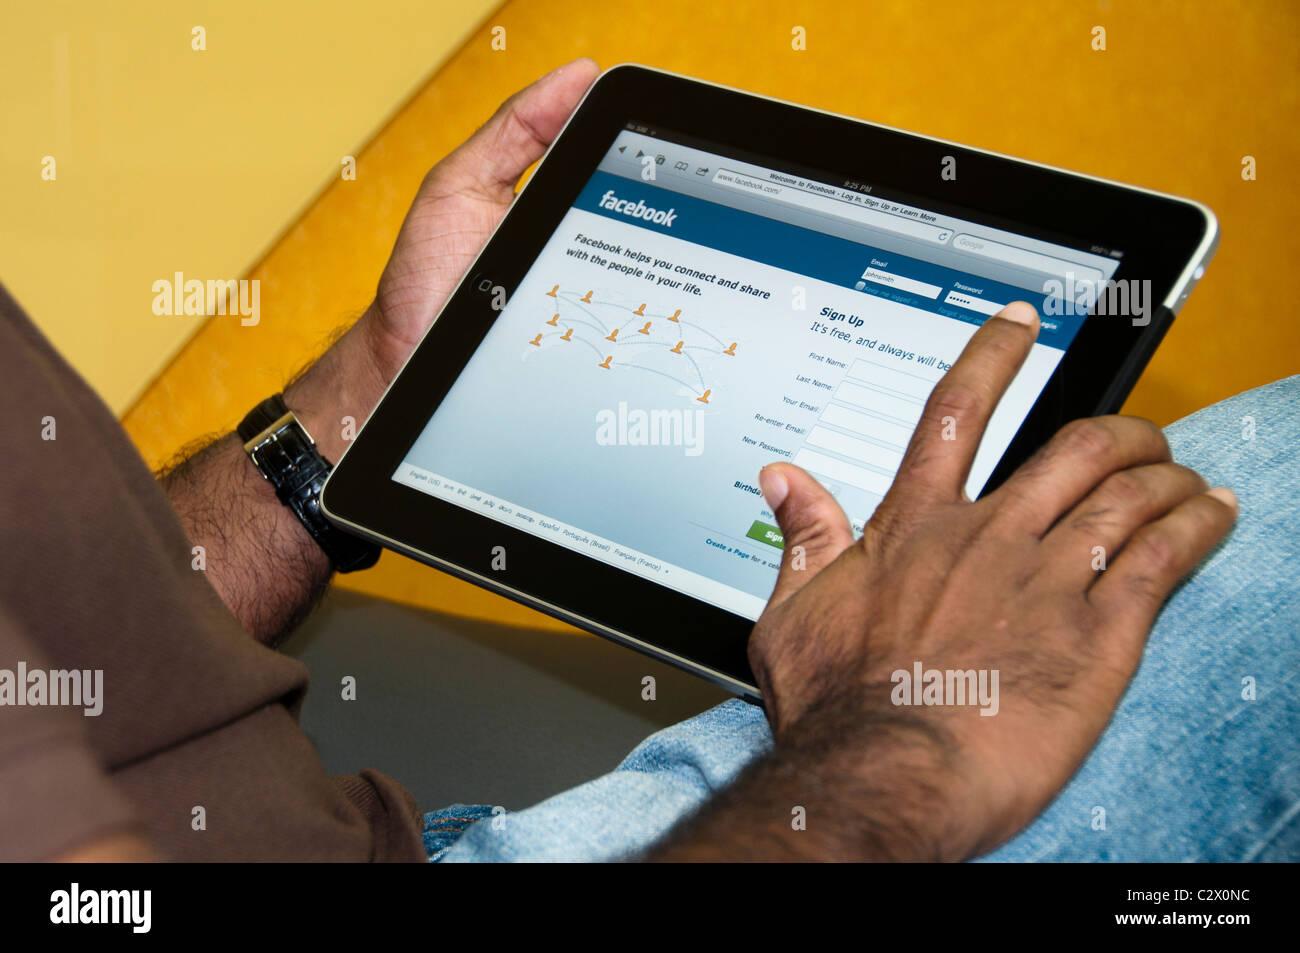 Vue rapprochée d'un homme à l'aide de Facebook avec l'iPad Photo Stock